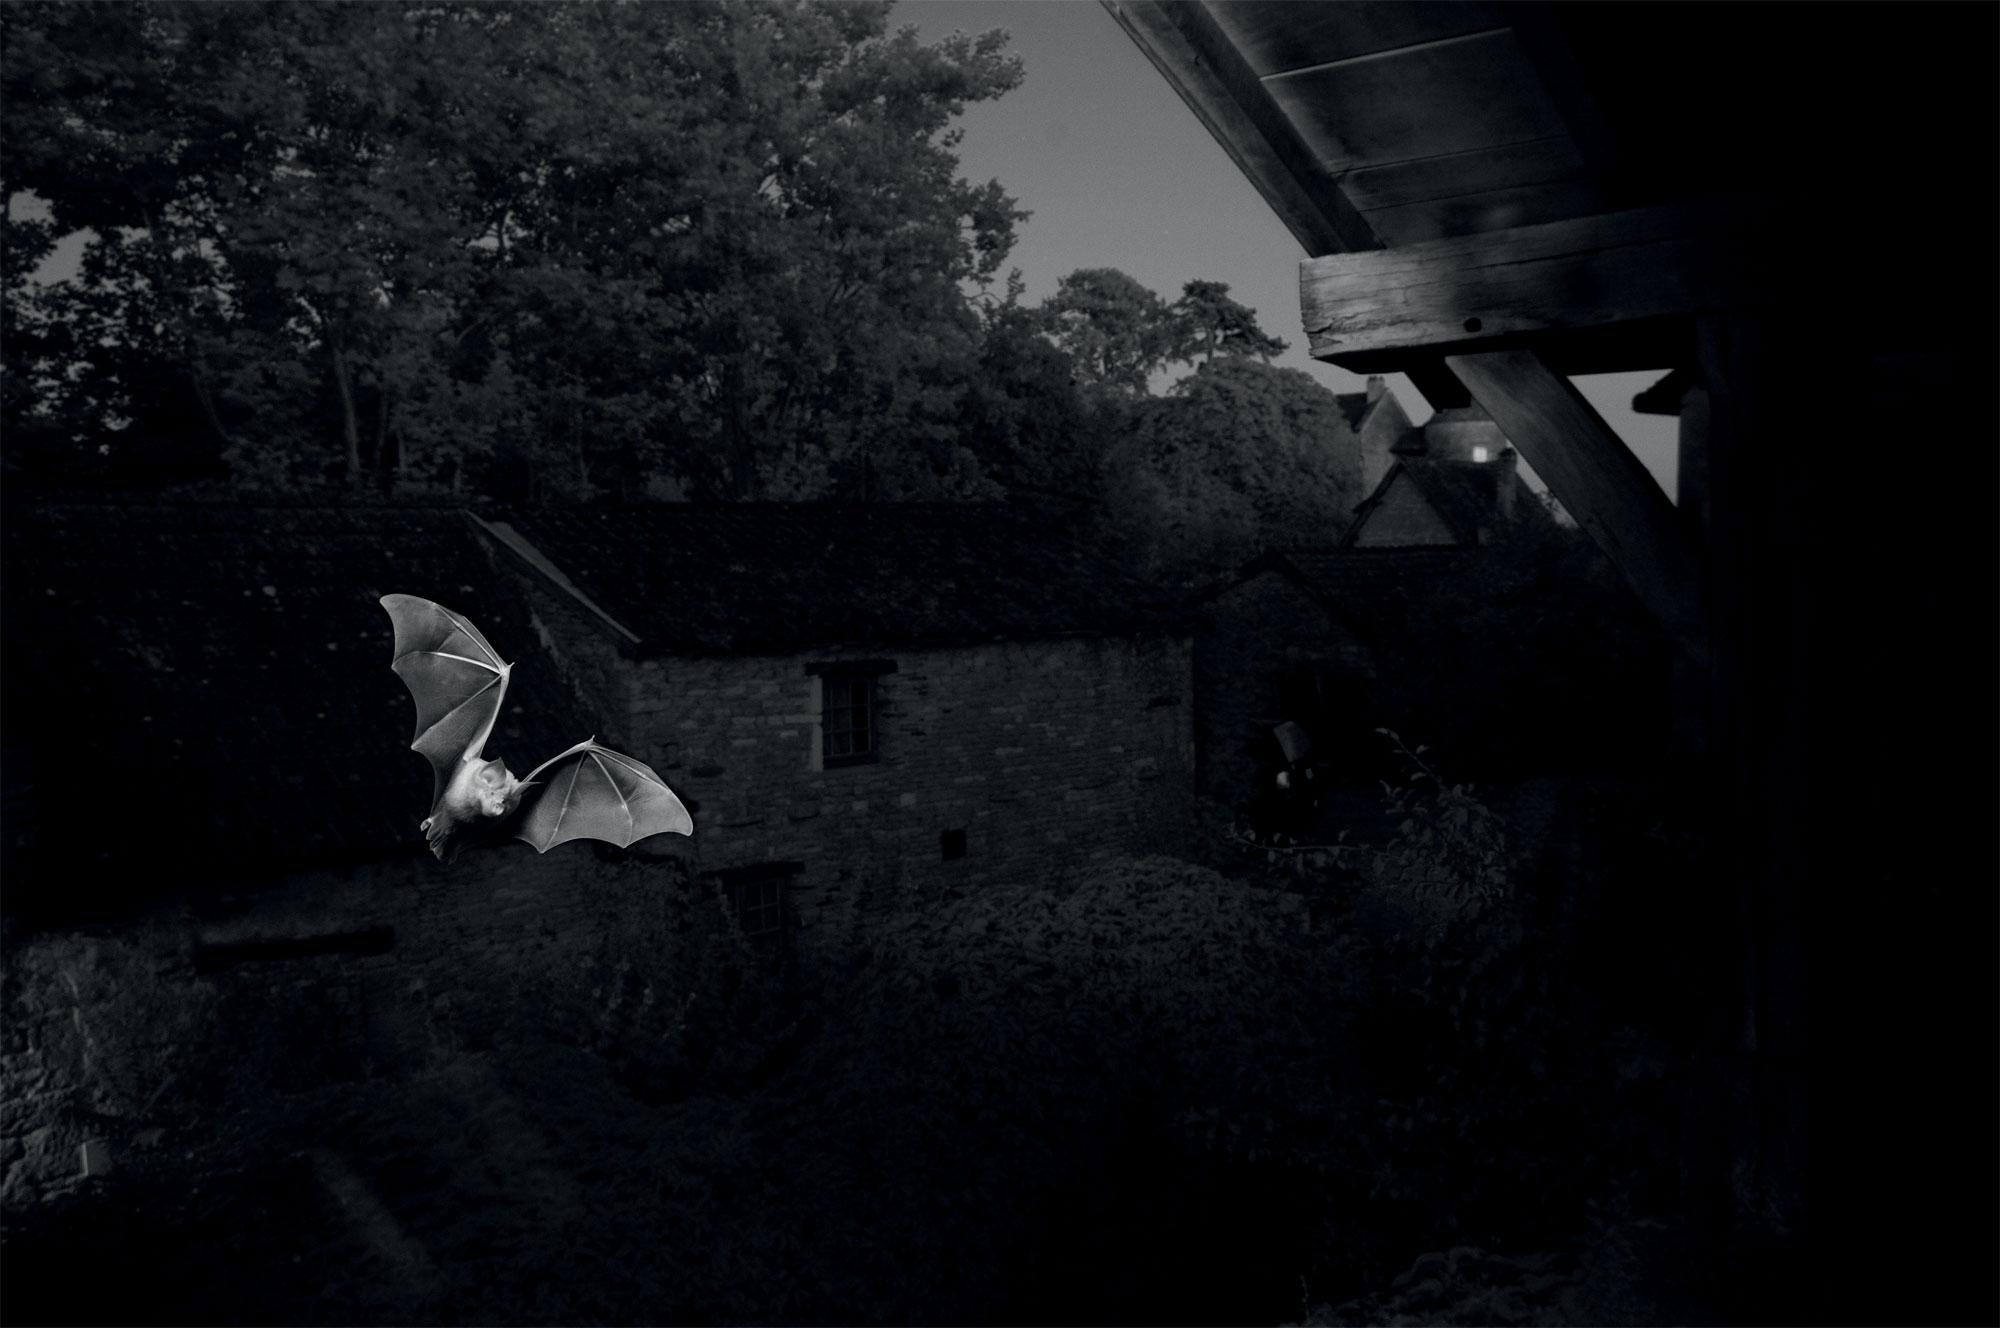 Des Grands rhinolophes photographiées de nuit en infrarouge